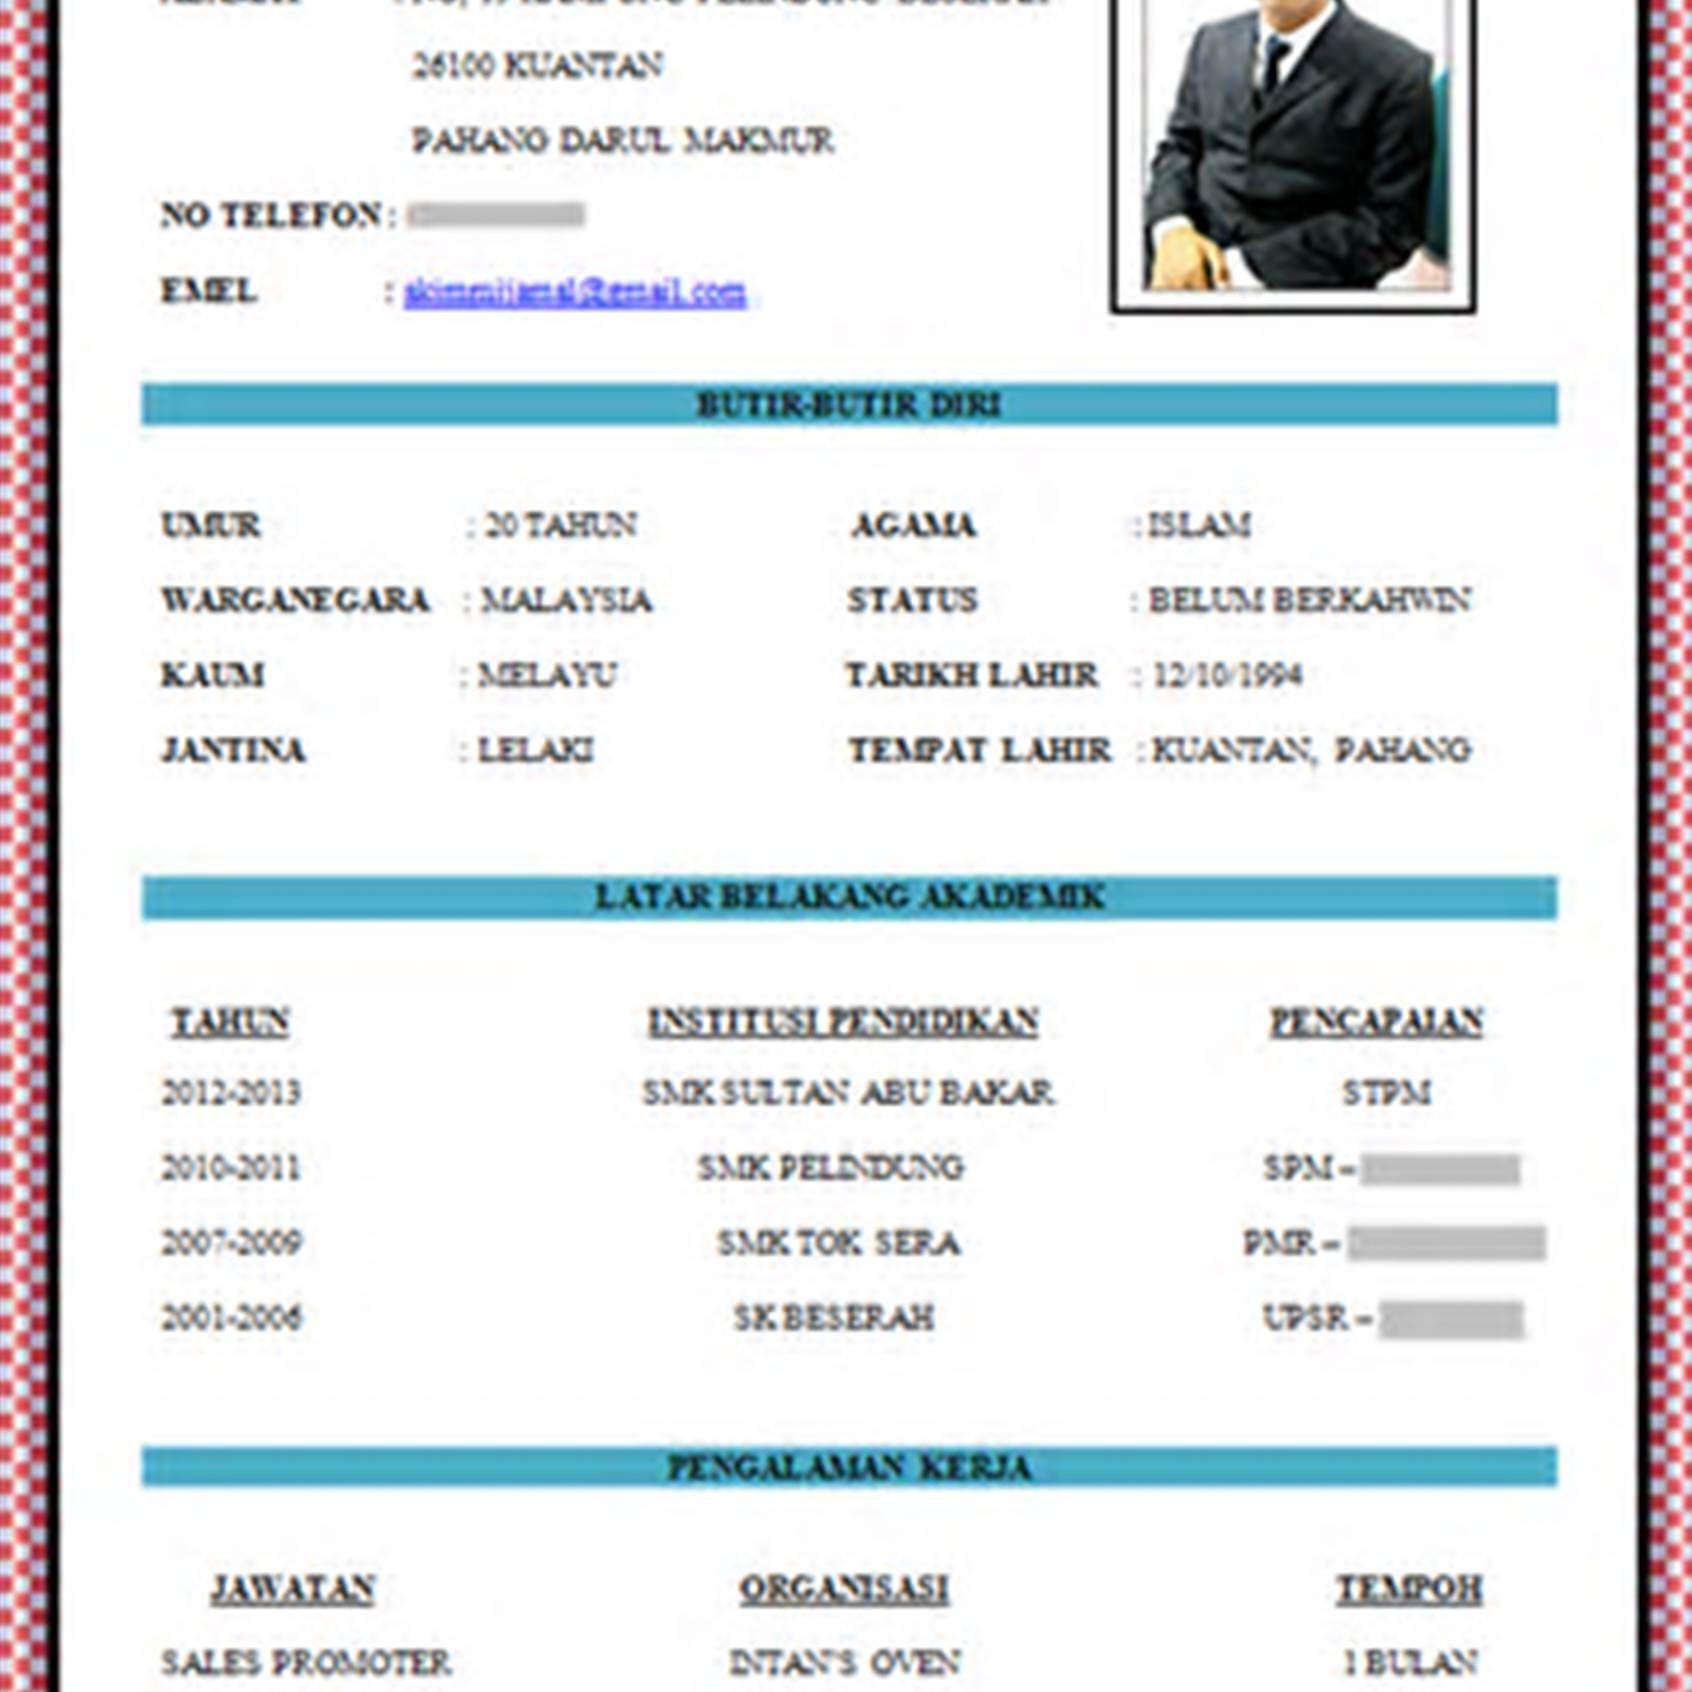 Contoh Resume Bahasa Melayu Yang Baik Pic Contoh Resume Resume